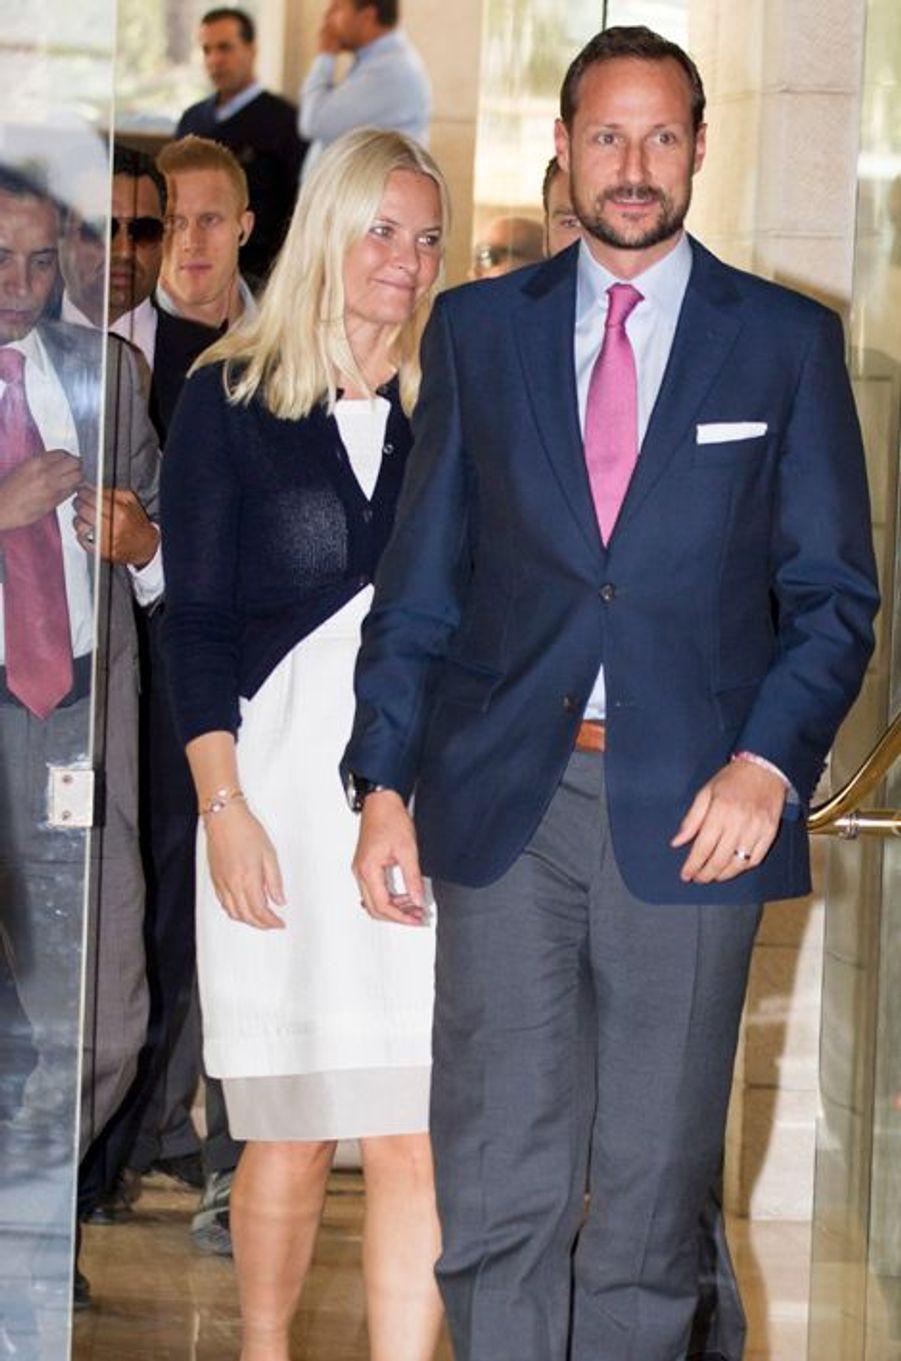 Le prince Haakon de Norvège et la princesse Mette-Marit à leur hôtel à Amman, lors de leur voyage officiel en Jordanie, le lundi 20 octobre